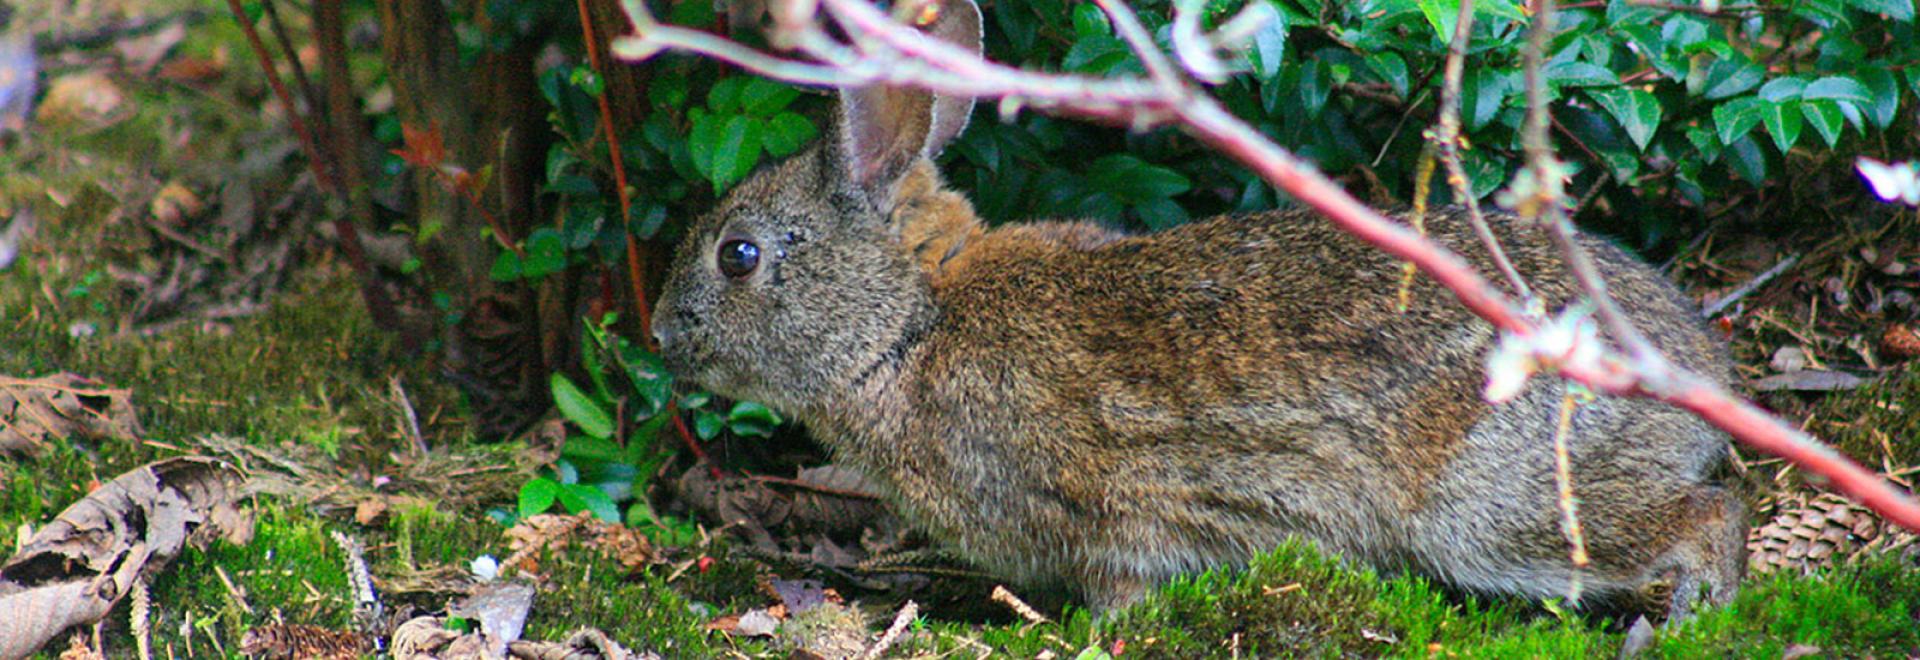 Brush Bunny